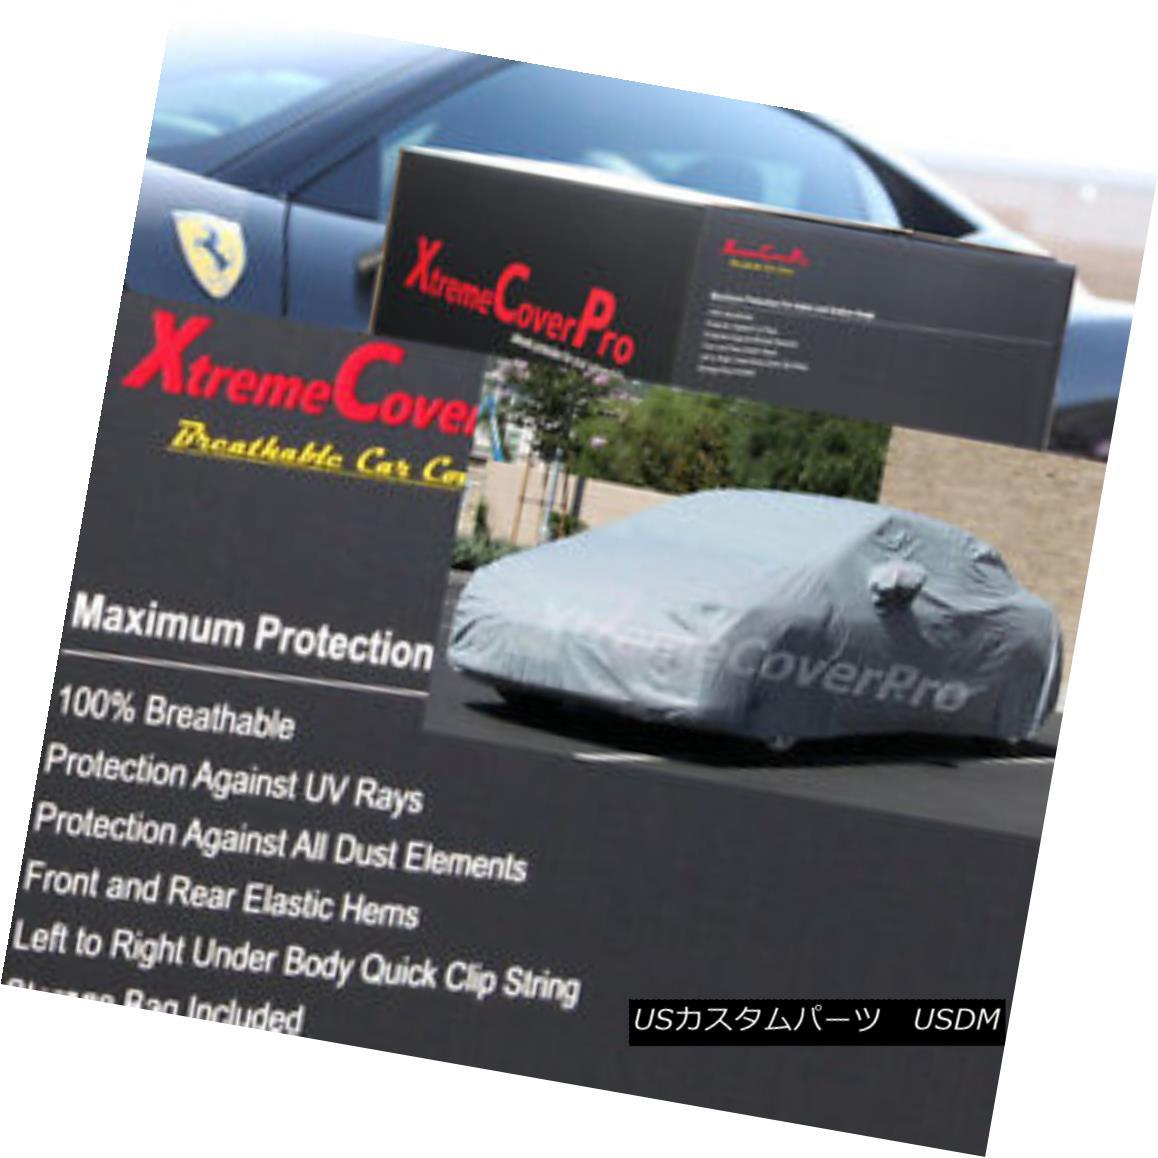 カーカバー 1992 1993 1994 1995 Pontiac Bonneville Breathable Car Cover w/MirrorPocket 1992 1993 1994 1995ポンティアックボンネビル通気性車カバー付きMirrorPocket